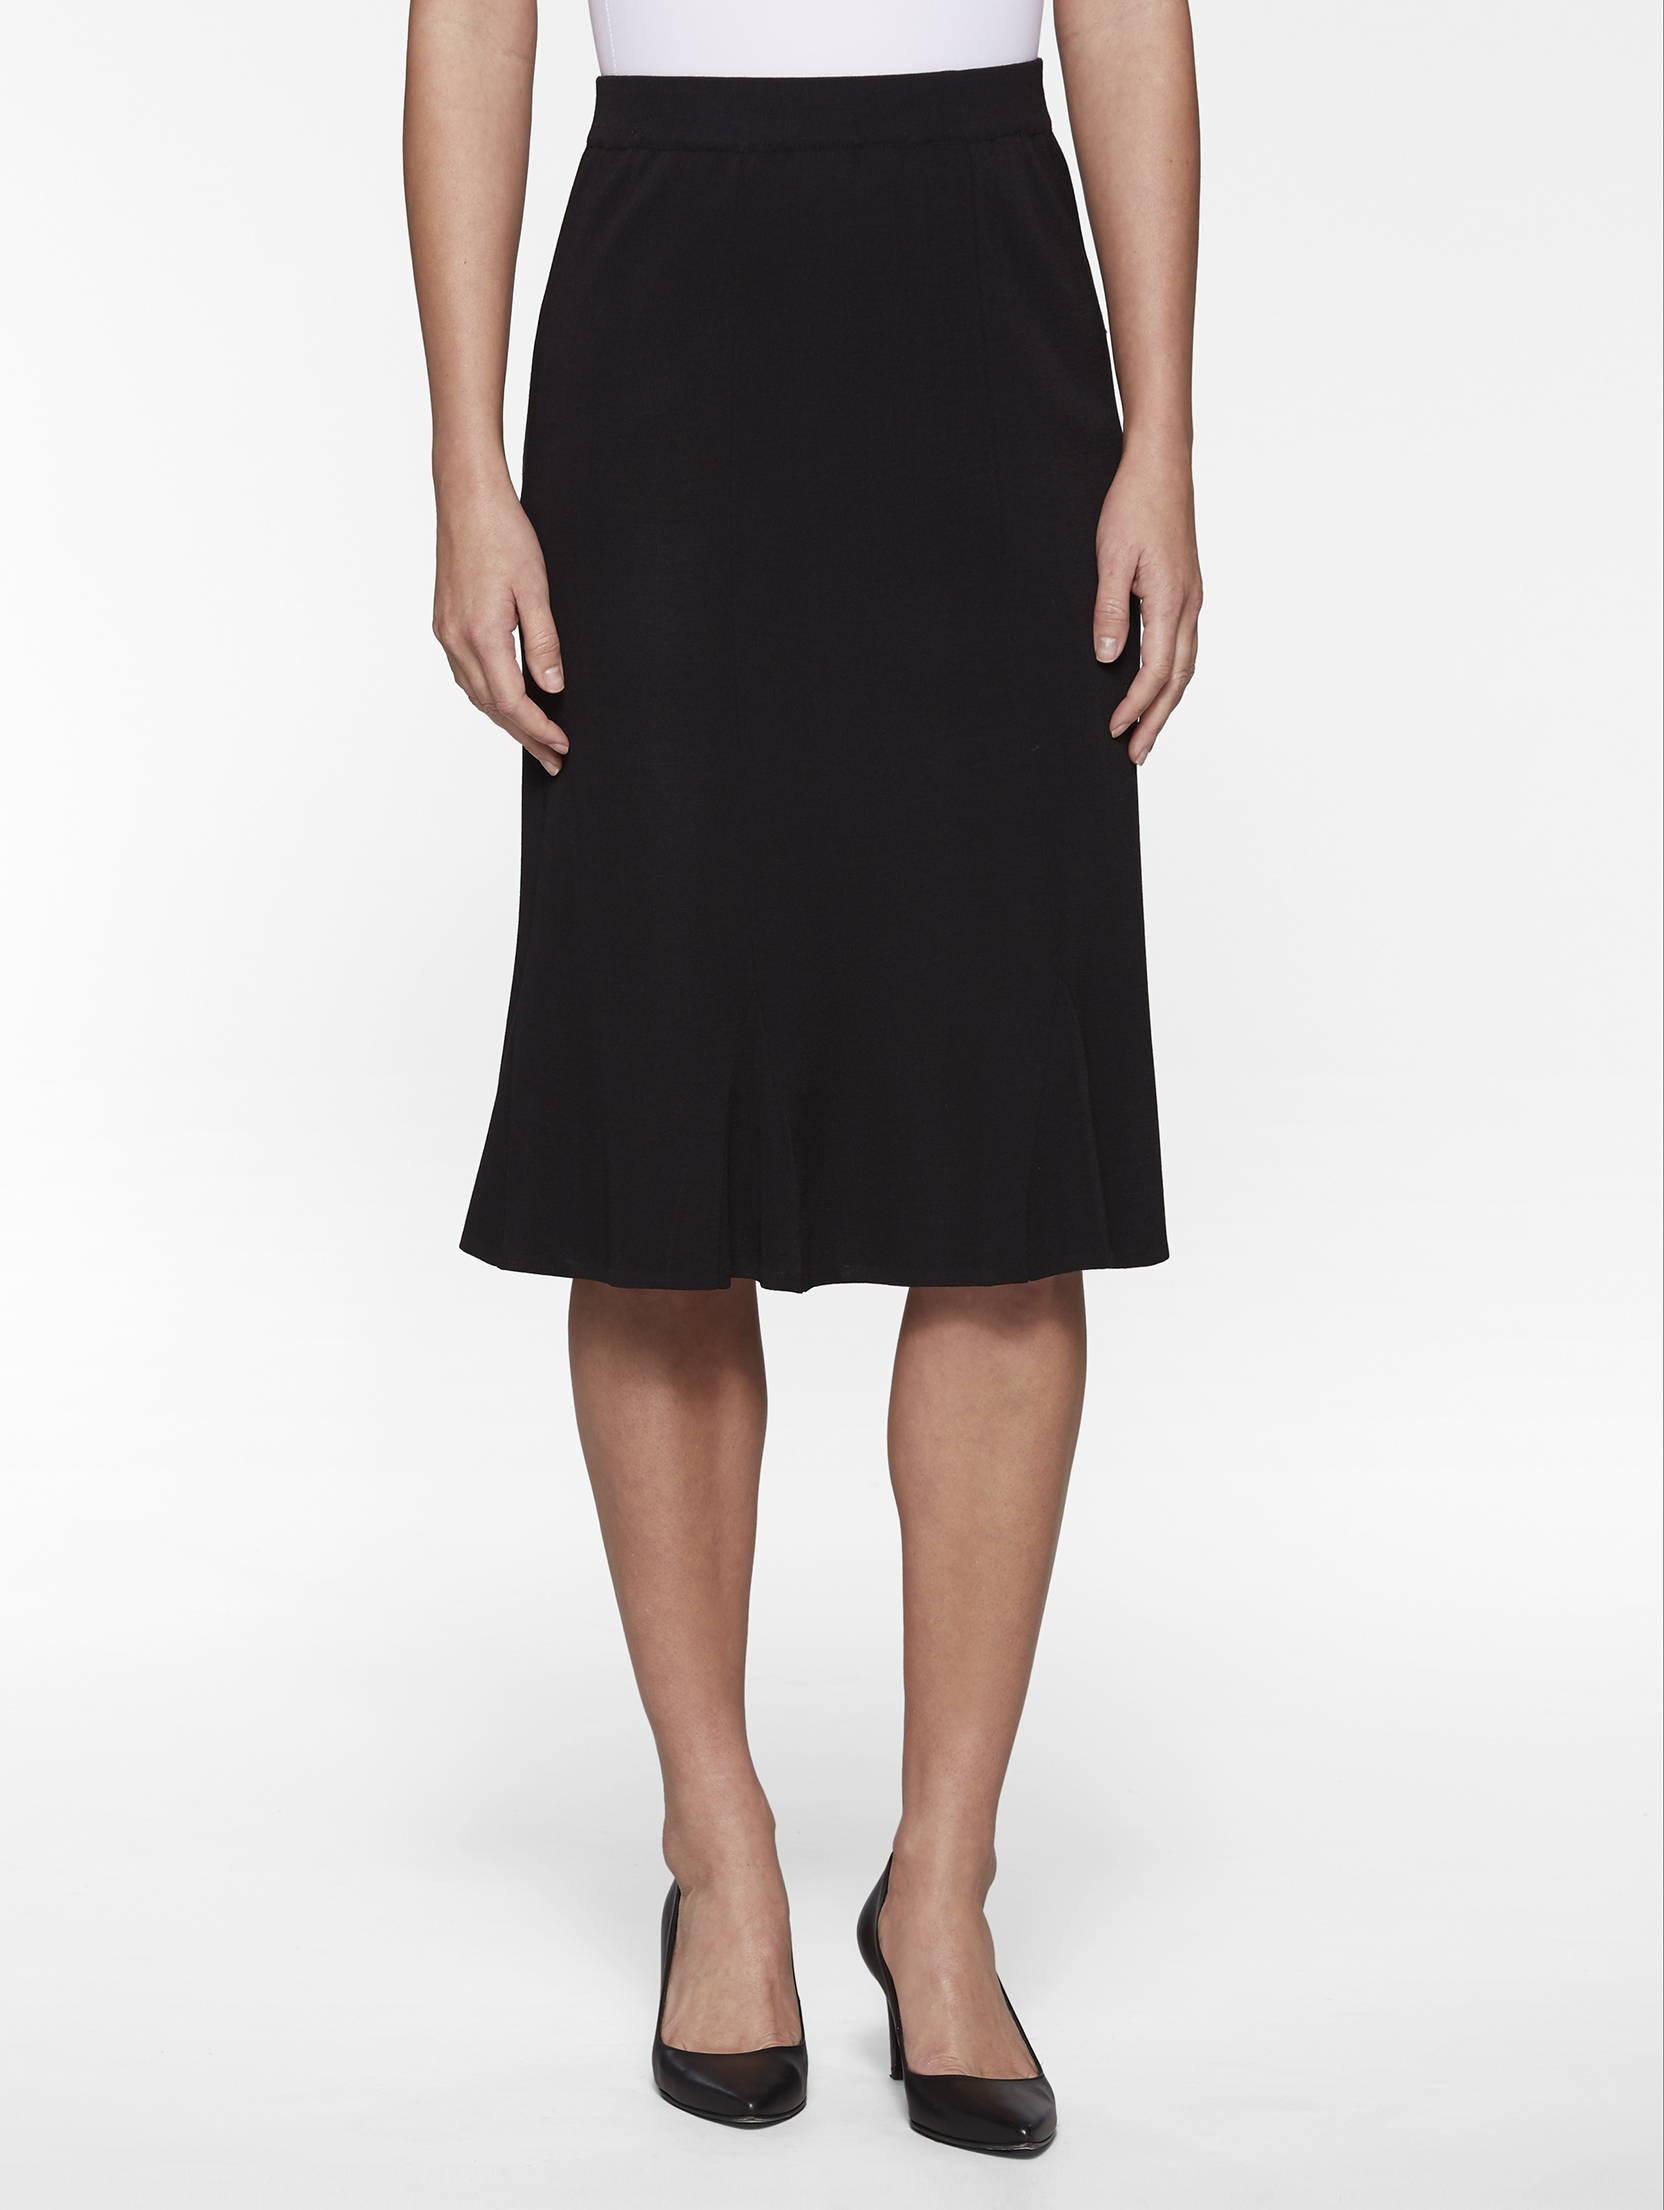 Gored Knit Skirt in Black